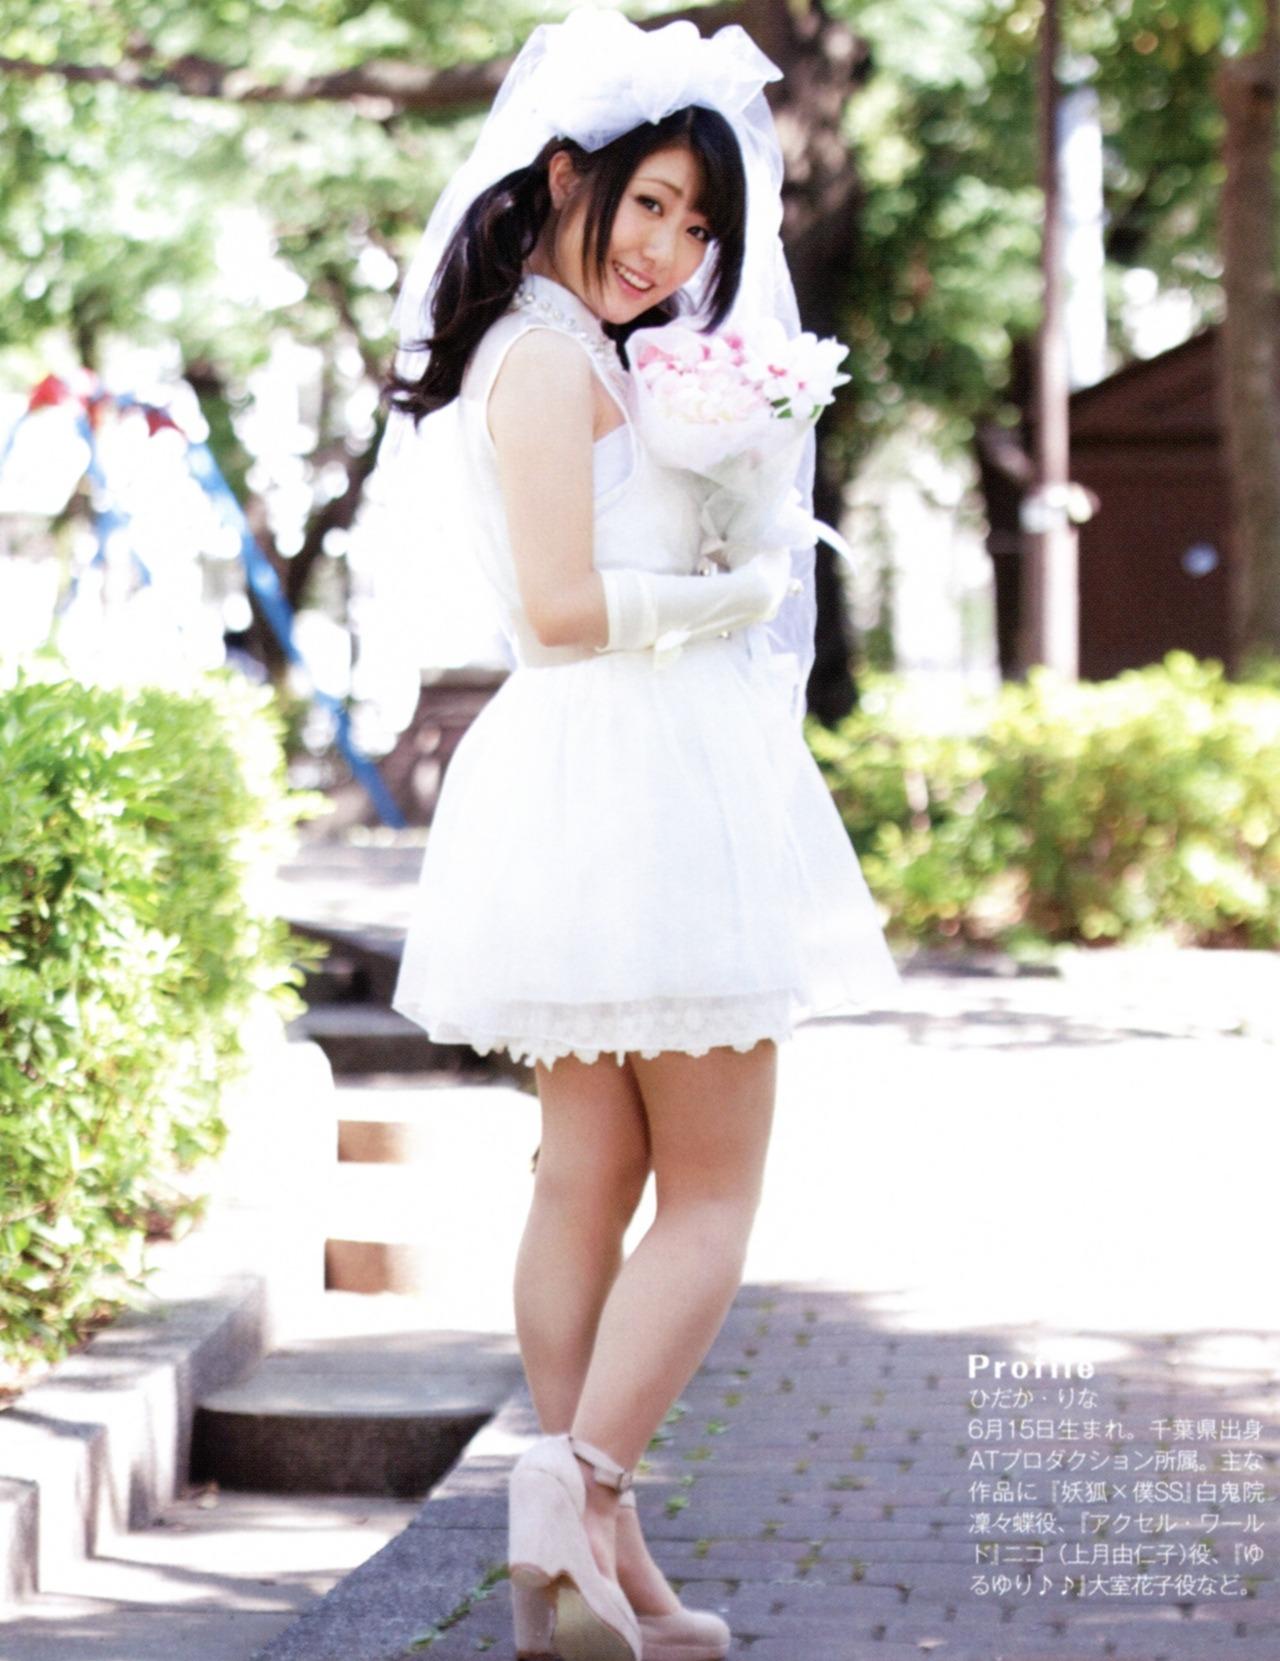 hidaka_rina006.jpg